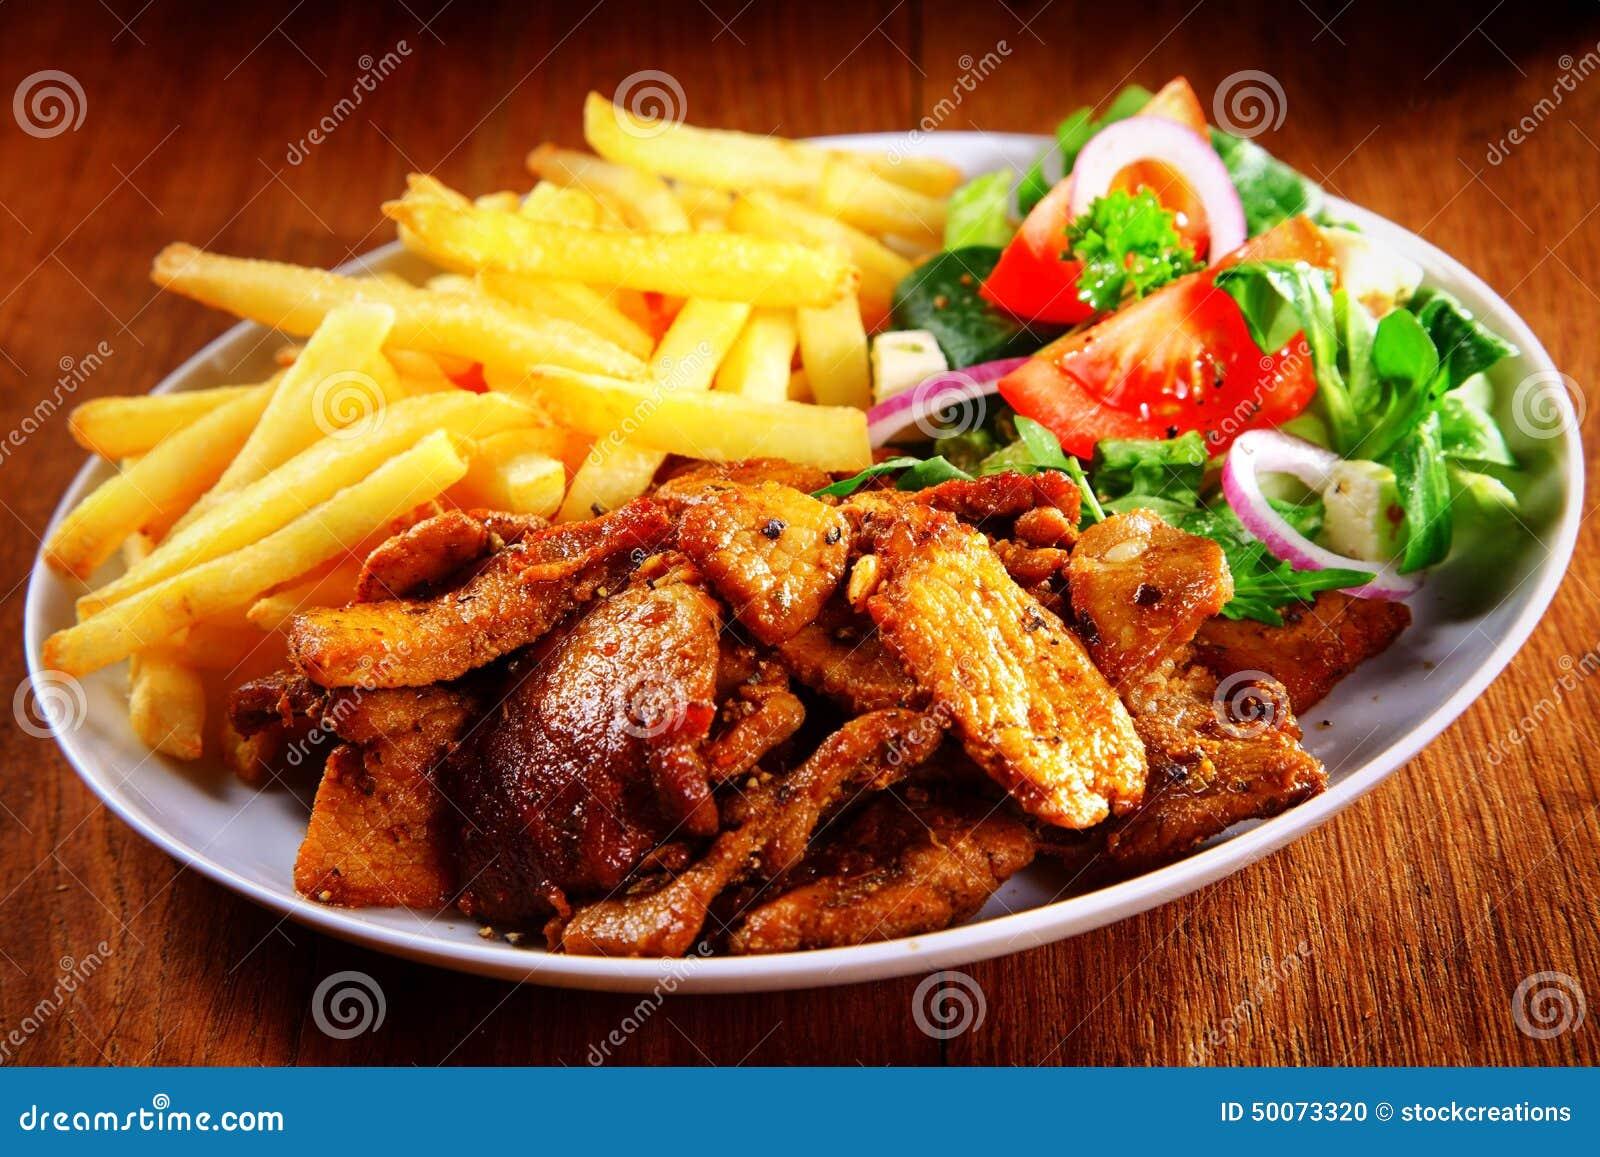 Smaklig målkombination av kött, småfiskar och Veggies